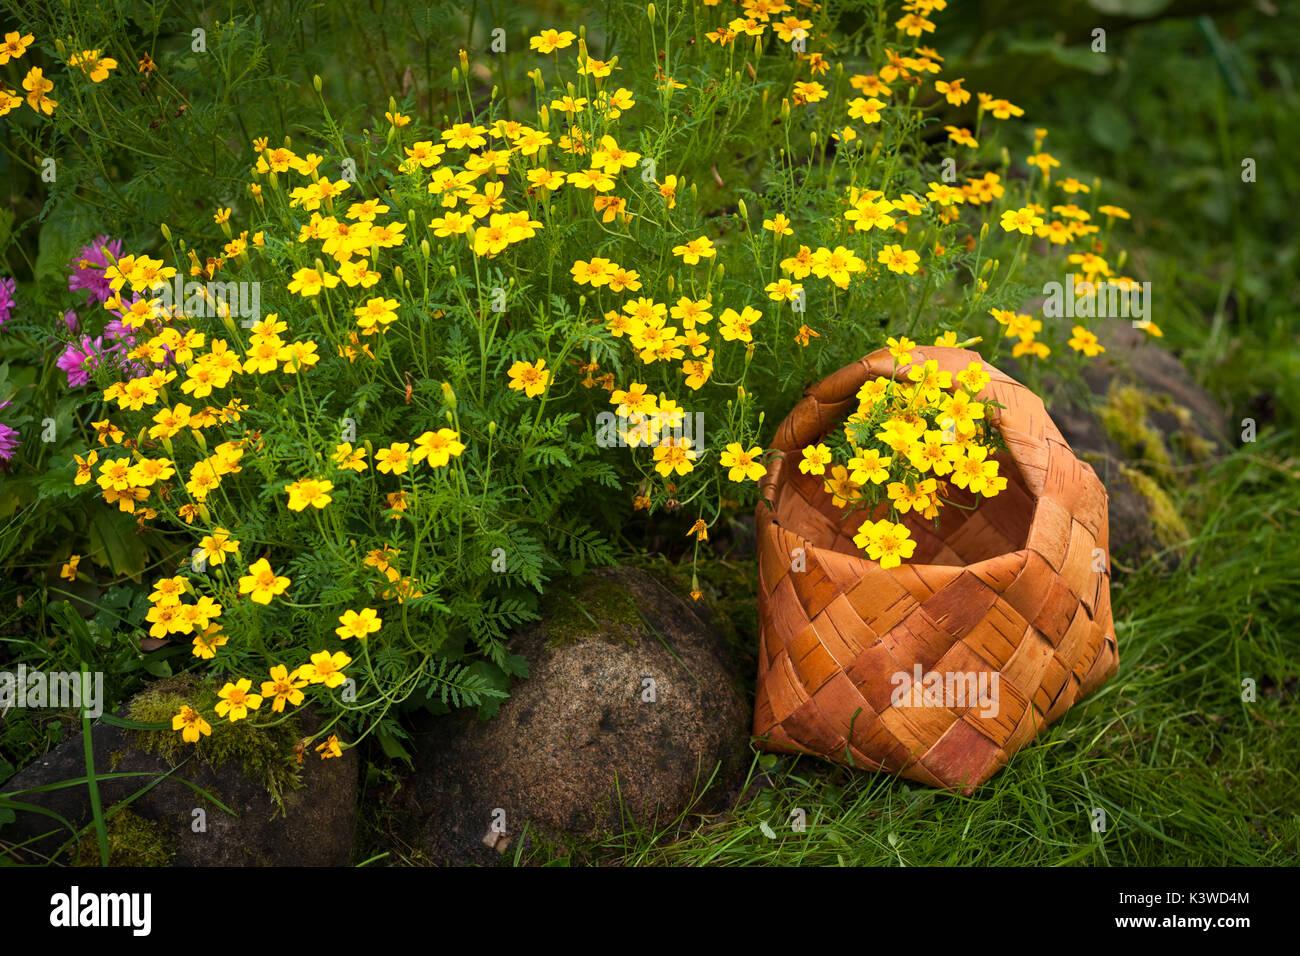 Fiori Gialli Per Giardino.Fiori Da Giardino Tagetes Tenuifolia Cesto Di Vimini Con Fiori